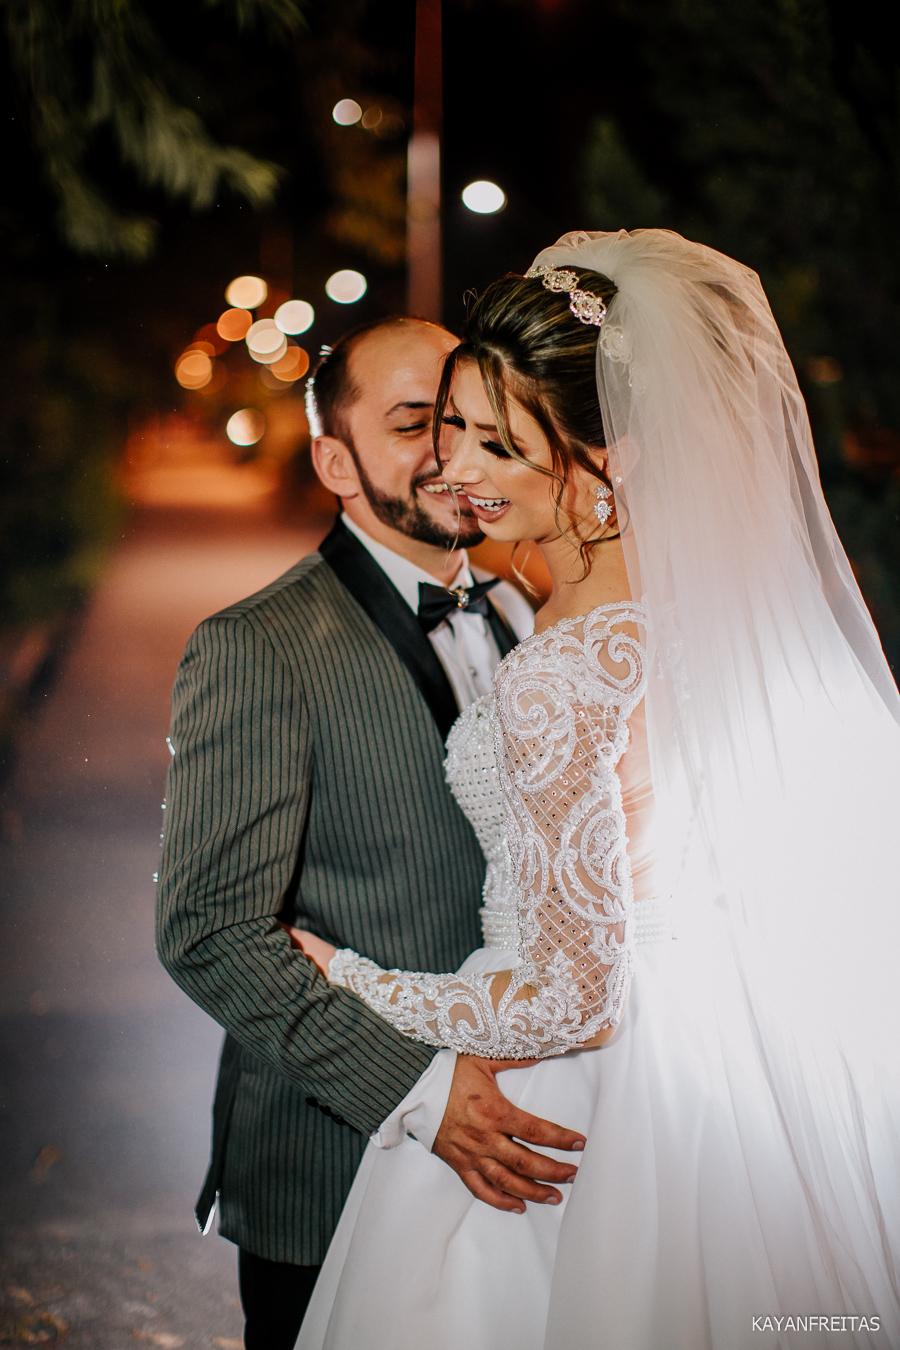 fotografo-casamento-santoamaro-daidiogo-0079 Casamento Daiara e Diogo - Santo Amaro da Imperatriz